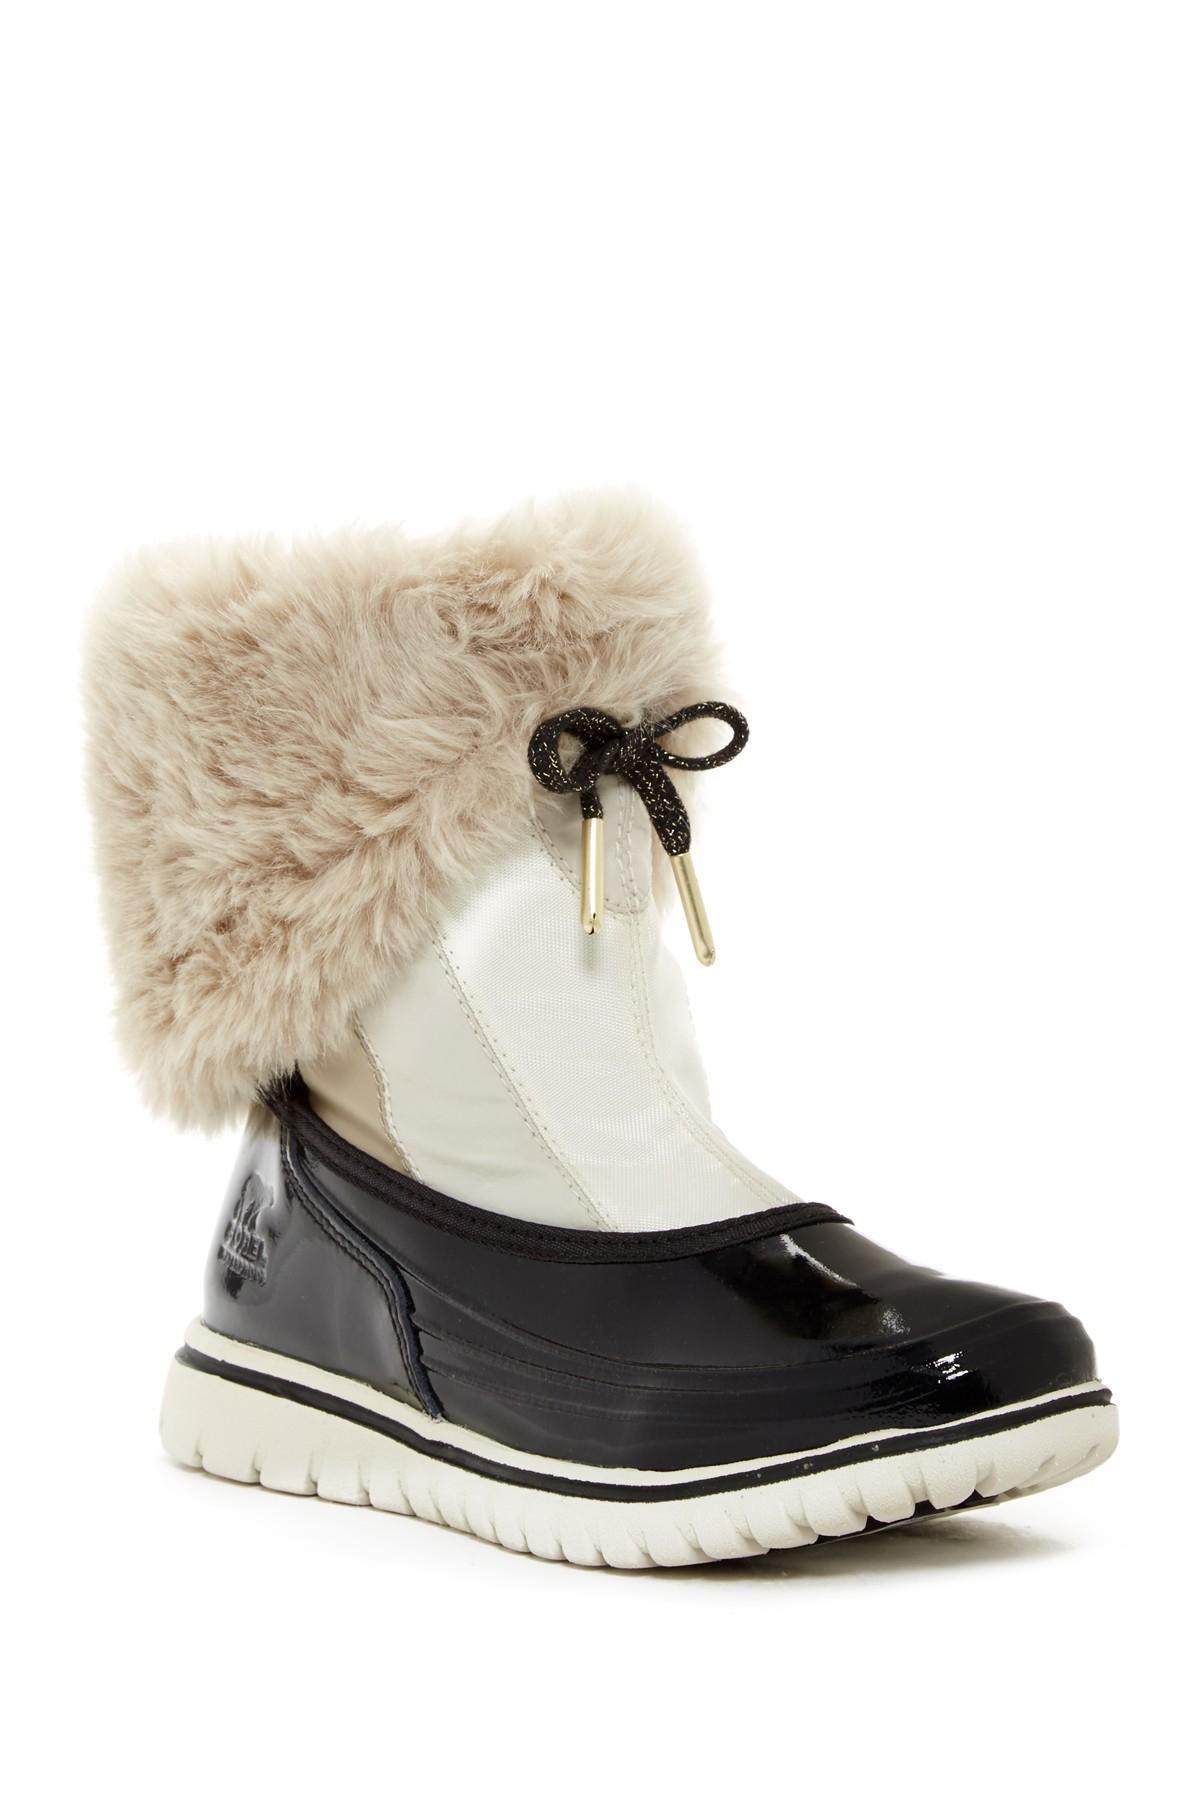 Lyst - Sorel Snowdance Pull On Faux Fur Lined Waterproof Boot (women) 497846ffcd